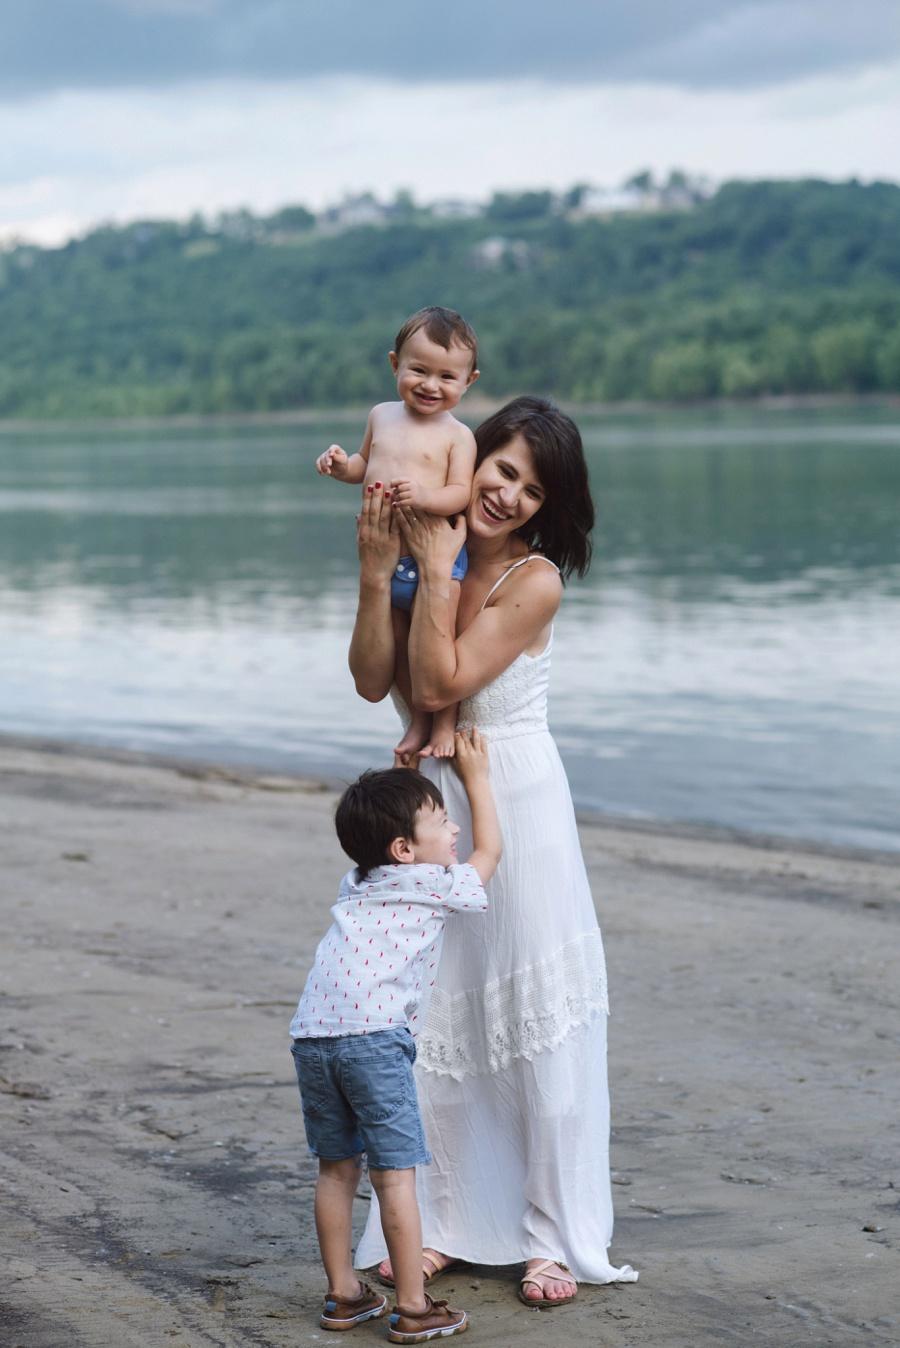 familyphotoscincinnati_nikitagross_0563.jpg